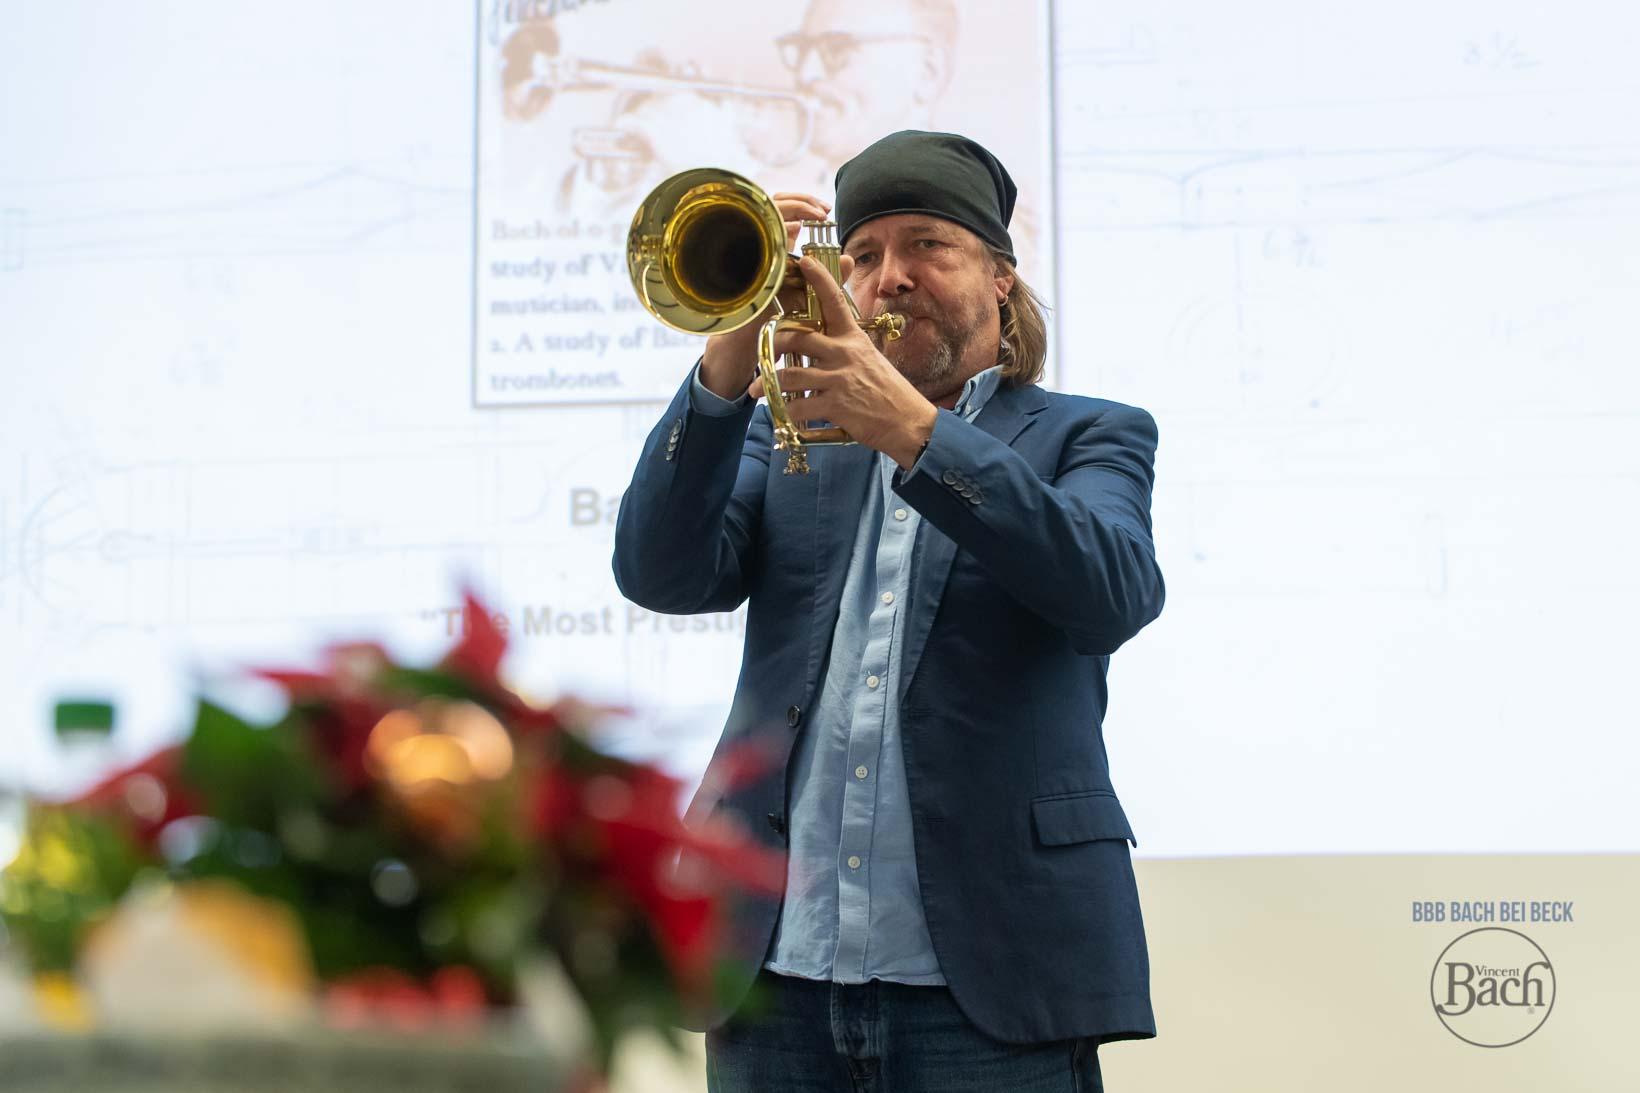 Bach Stradivarius Trompeten und Posaunen im Pro Brass Studio Musikhaus Beck. Vergleiche und teste auch Instrumente anderer Hersteller. Über 300 Trompeten und über 100 Posaunen.